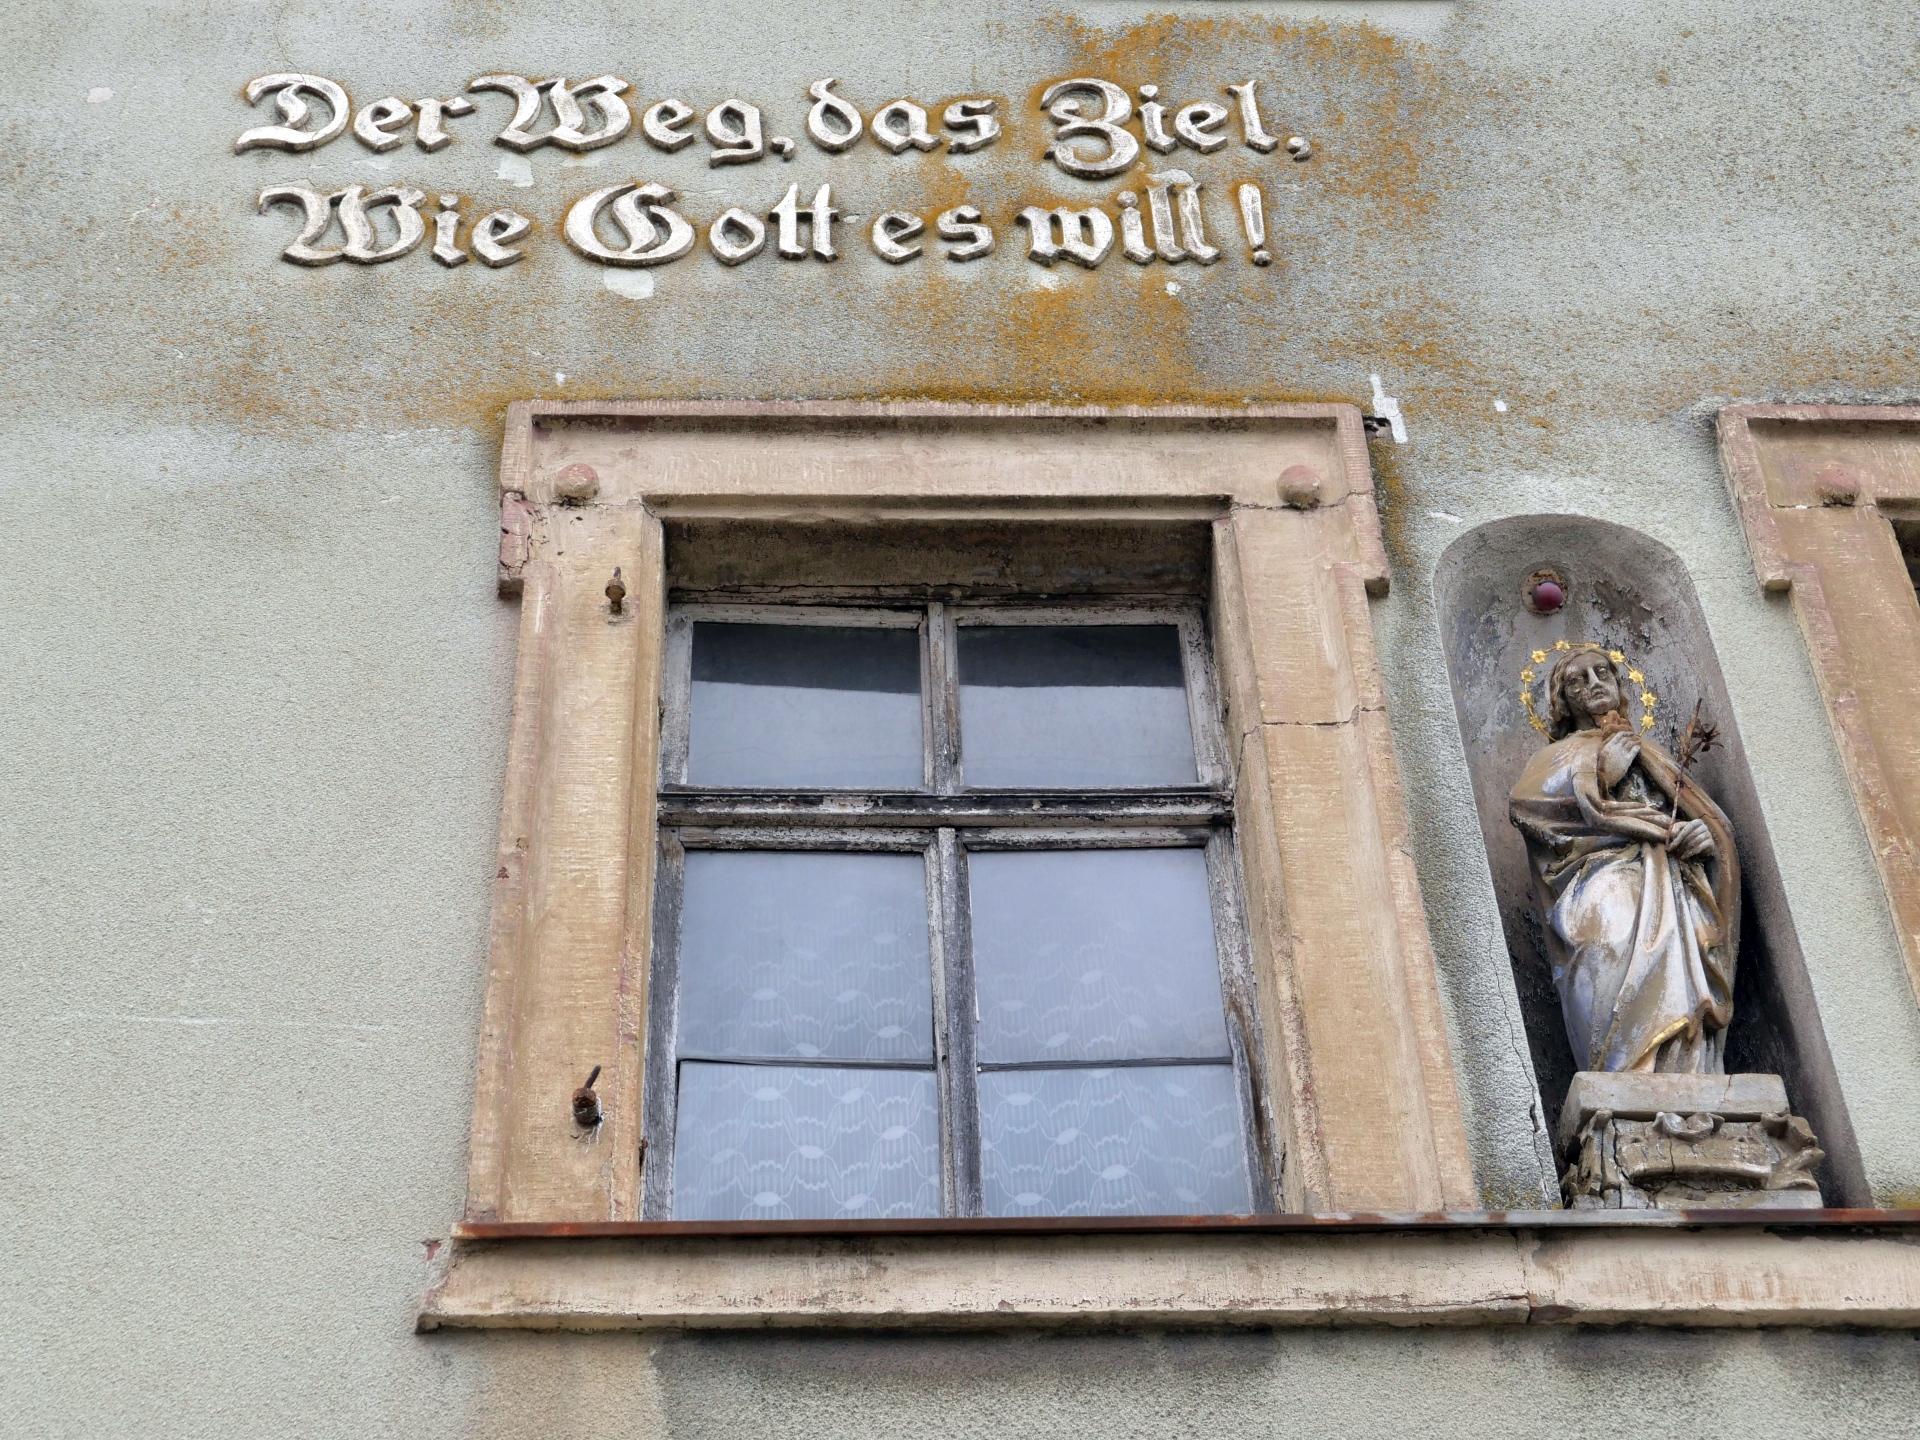 """Wandermotto in Retzbach in Mainfranken an einer Hauswand: """"Der Weg, das Ziel, wie Gott es will!"""" mit Himmelskönigin"""